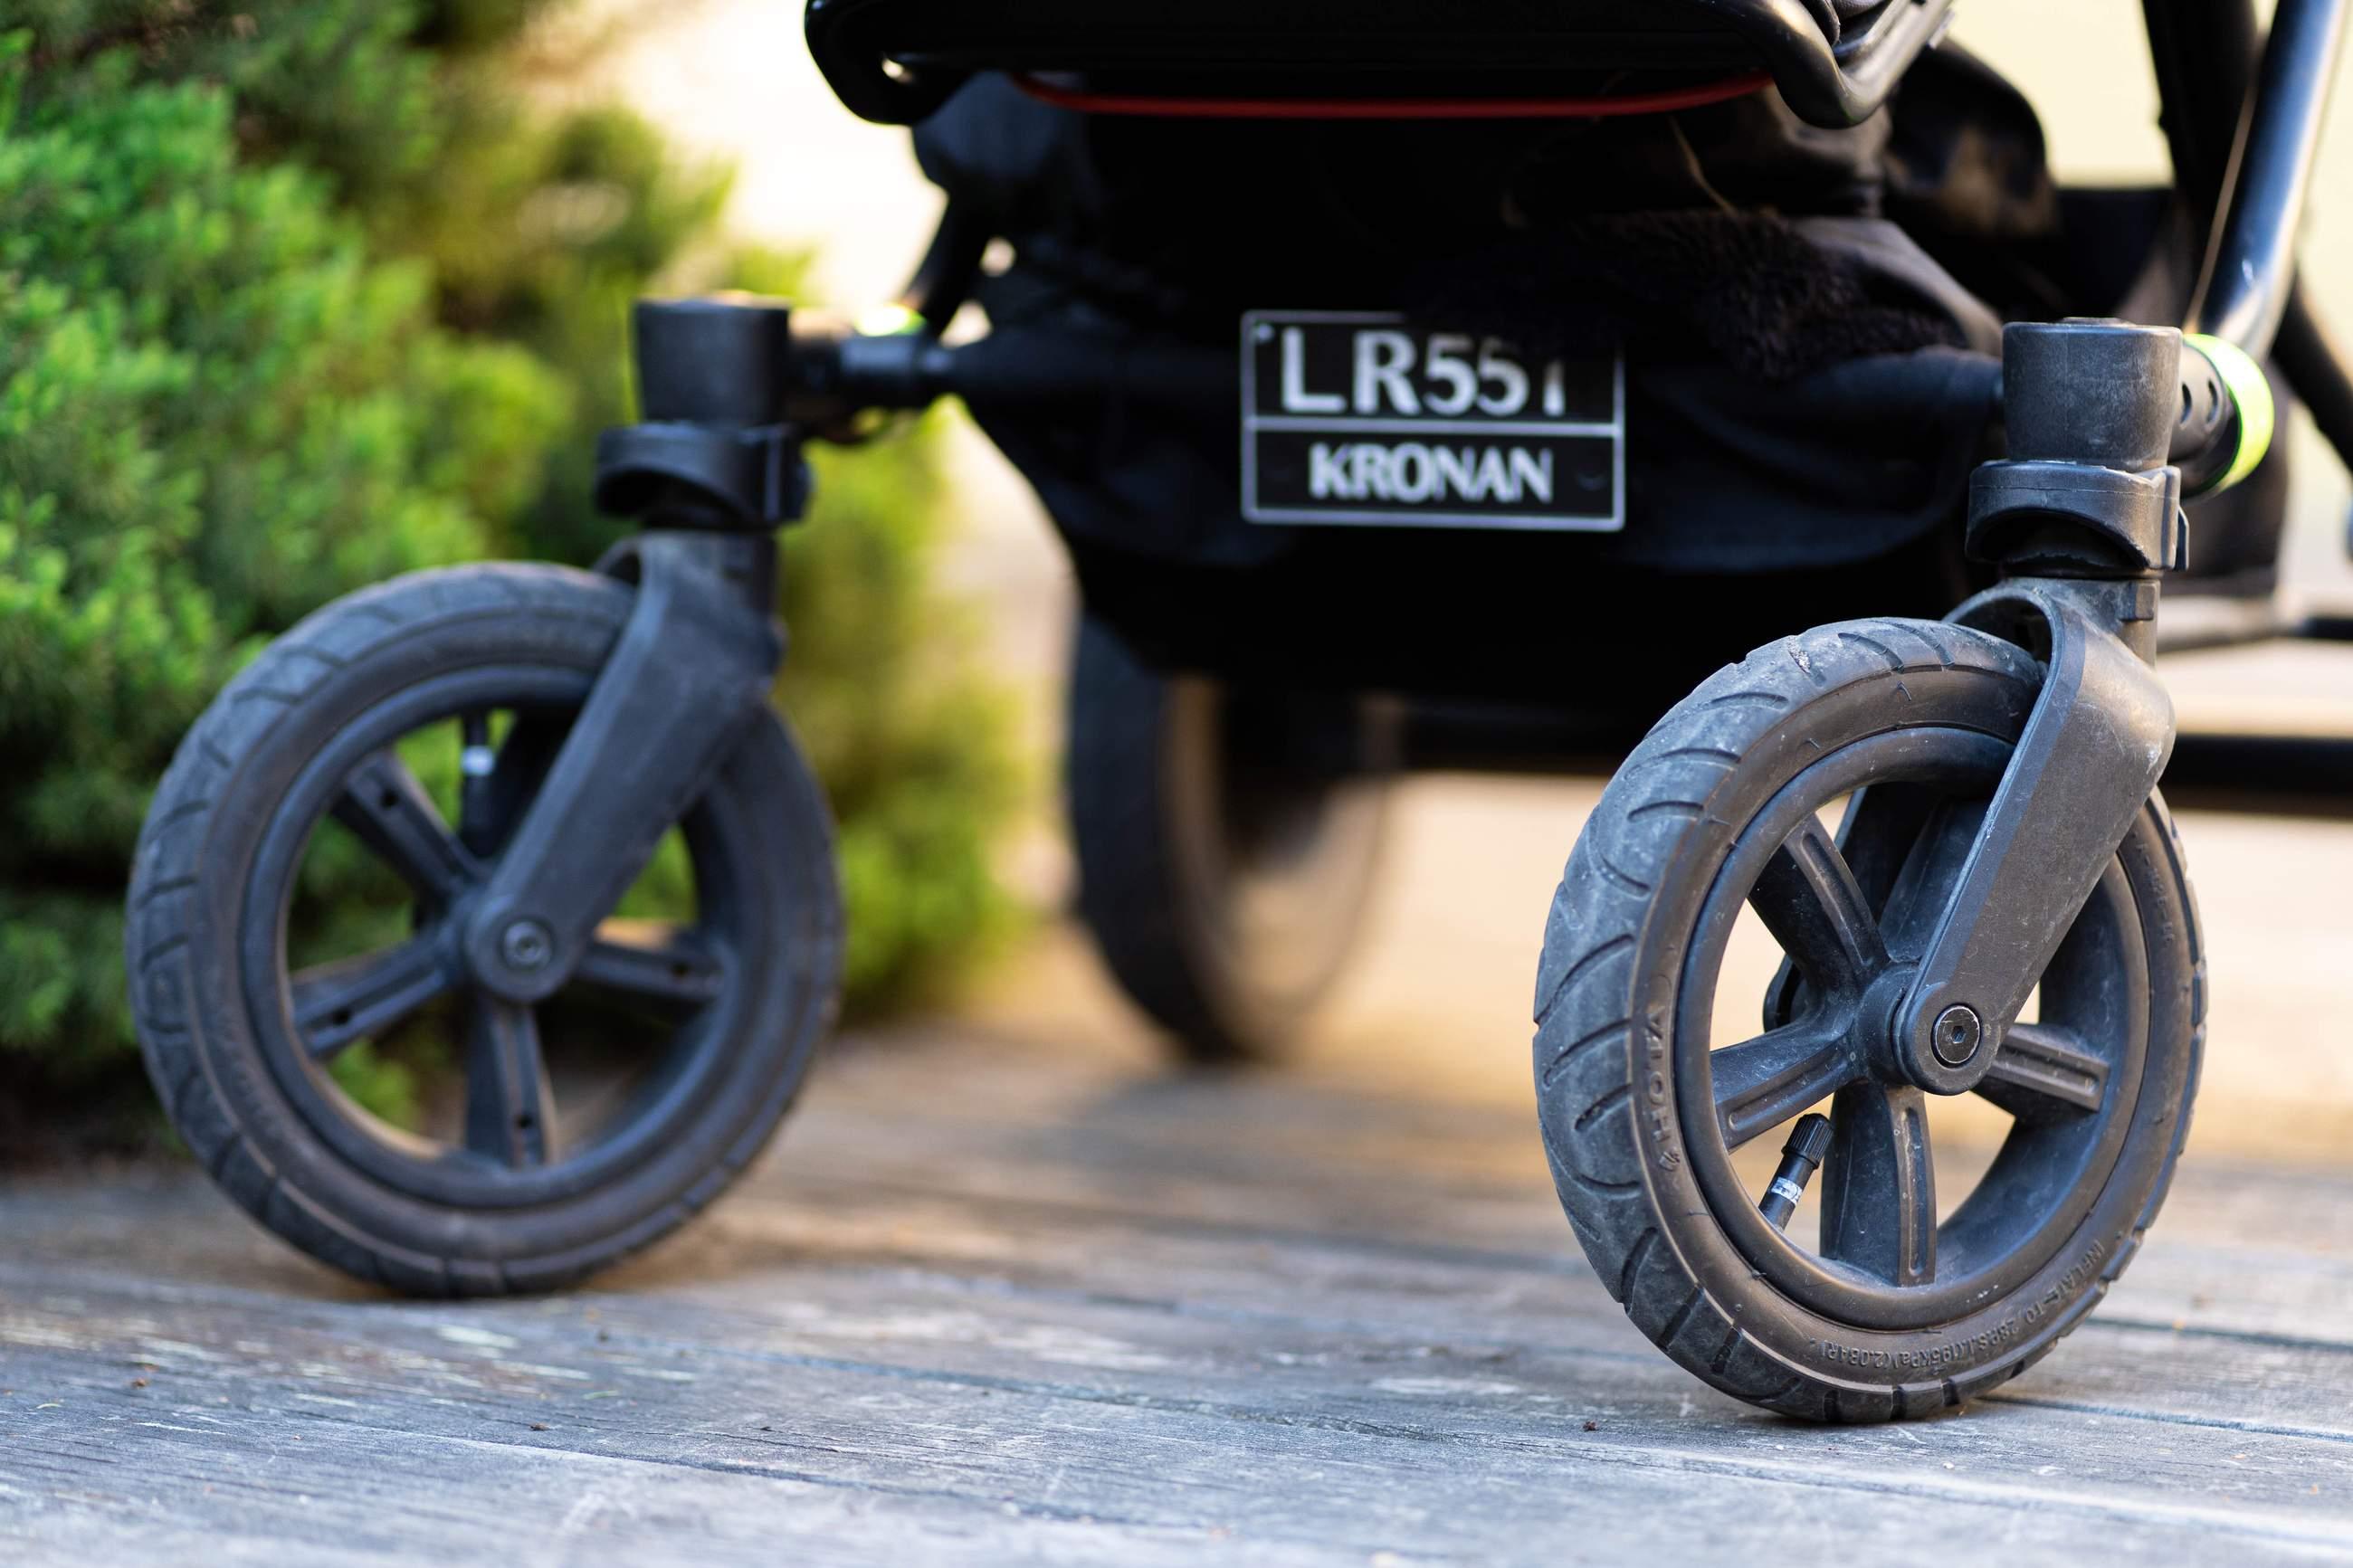 Lufthjul, swivelhjul, EVA-hjul - vad är skillnaden?